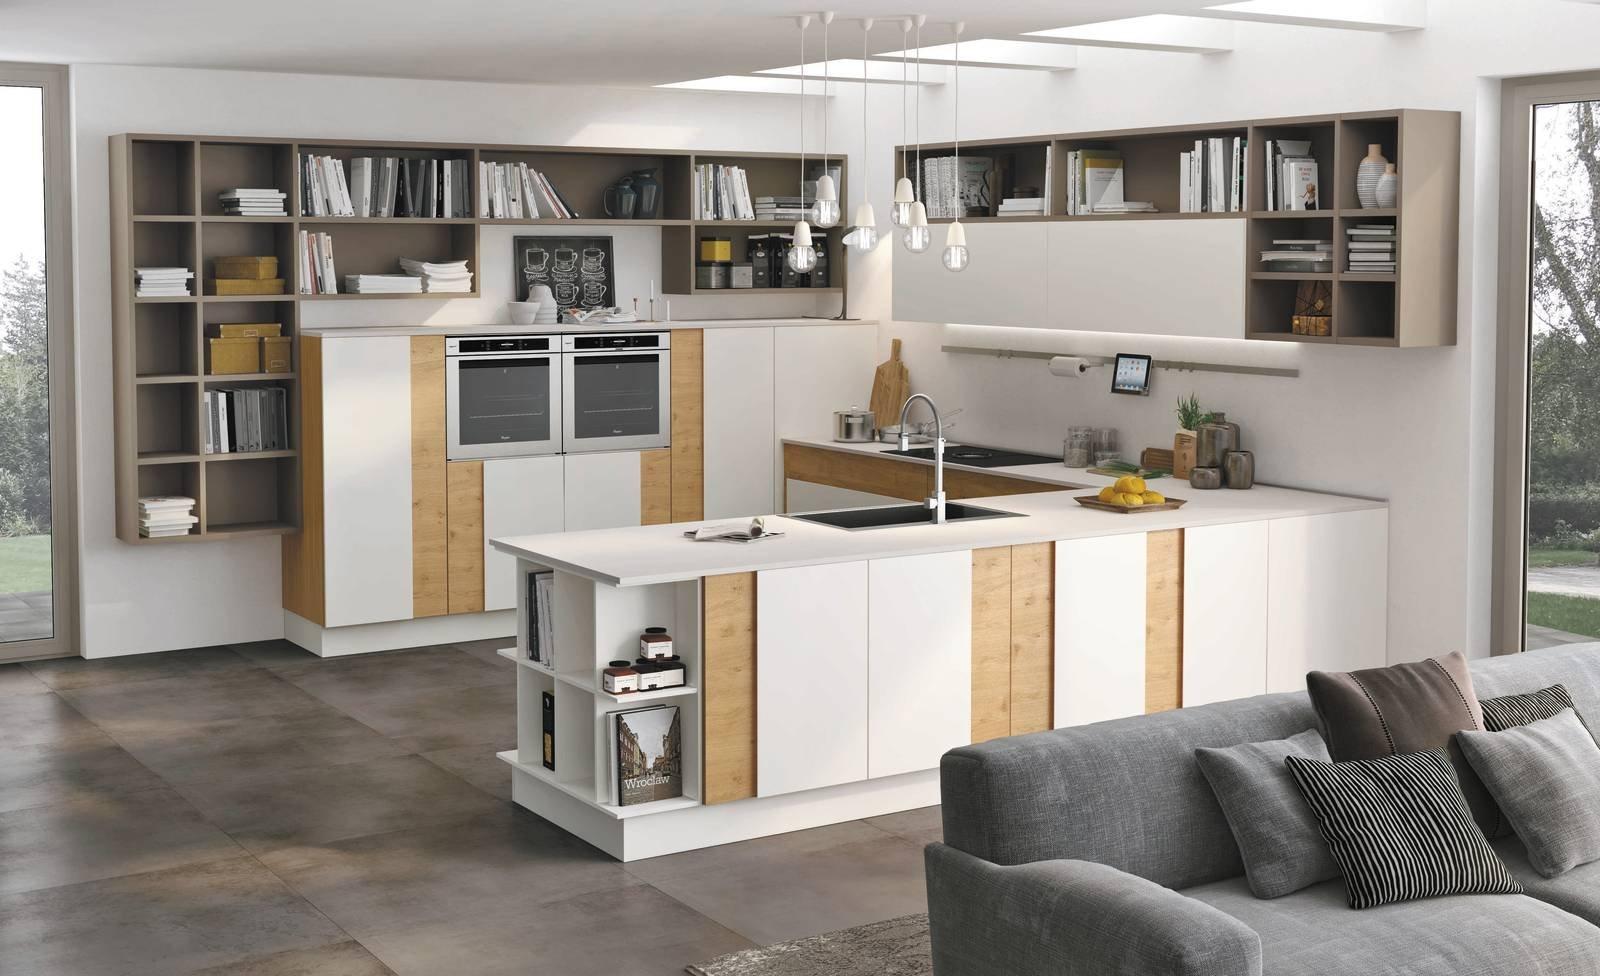 Cucina effetto legno la bellezza dell 39 essenza con i for Cucina legno bianco